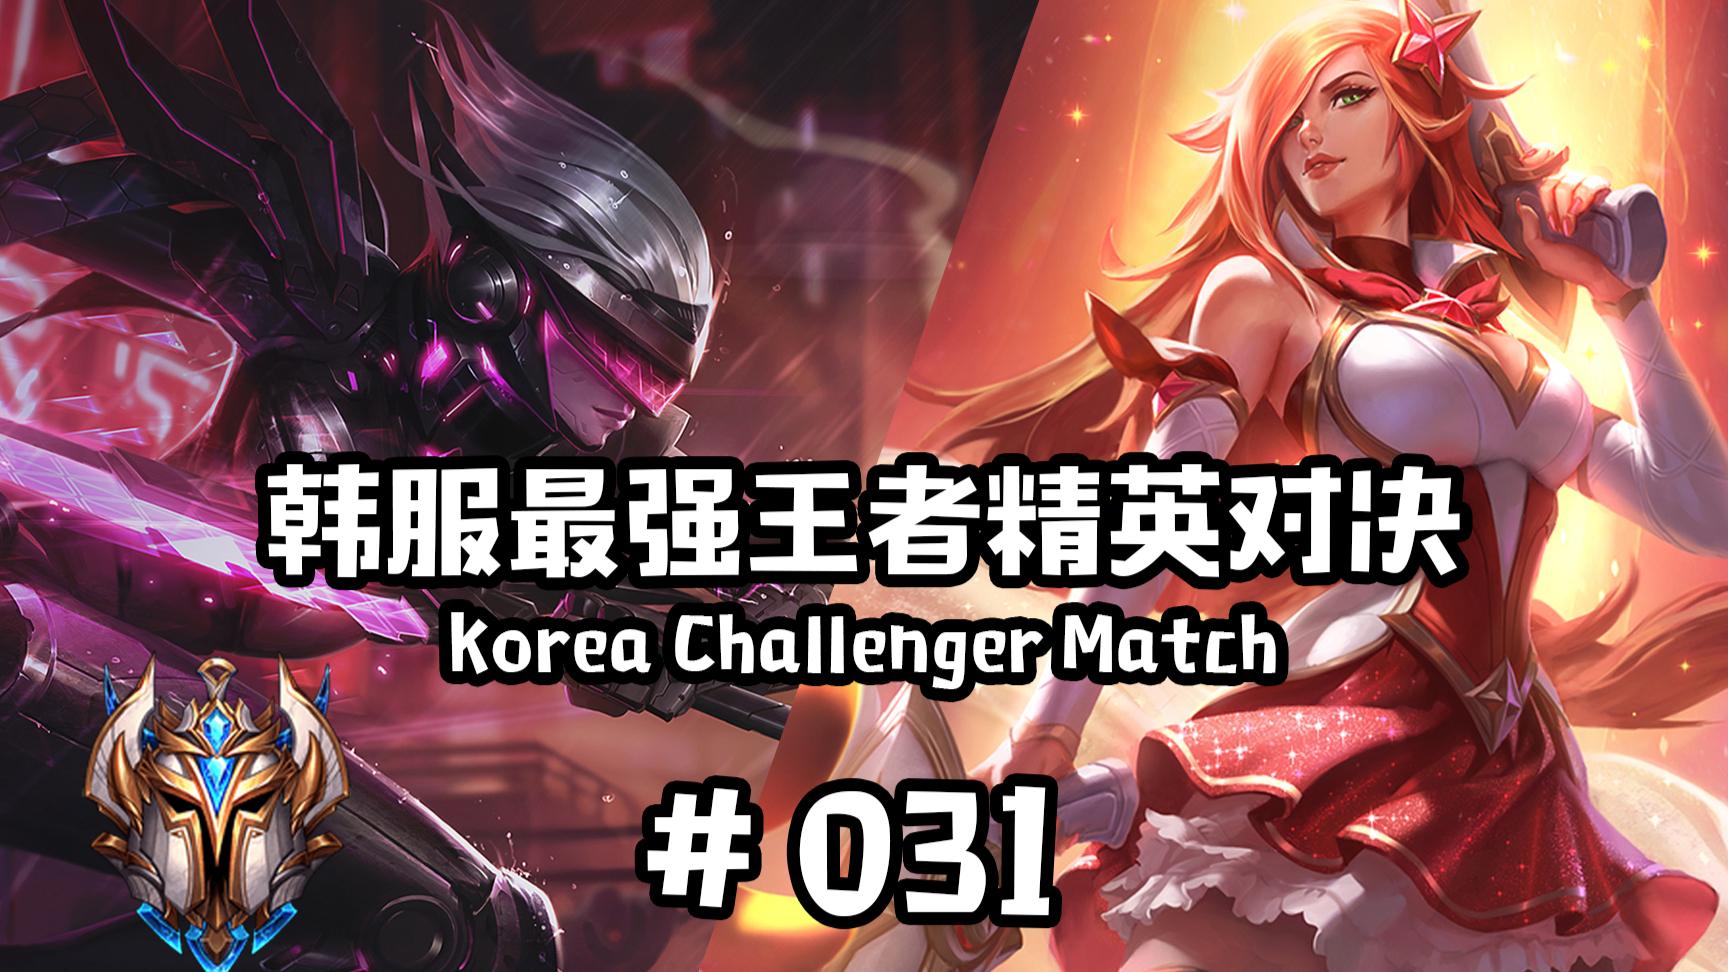 韩服最强王者精英对决 #031 丨Clid,漏刀帝